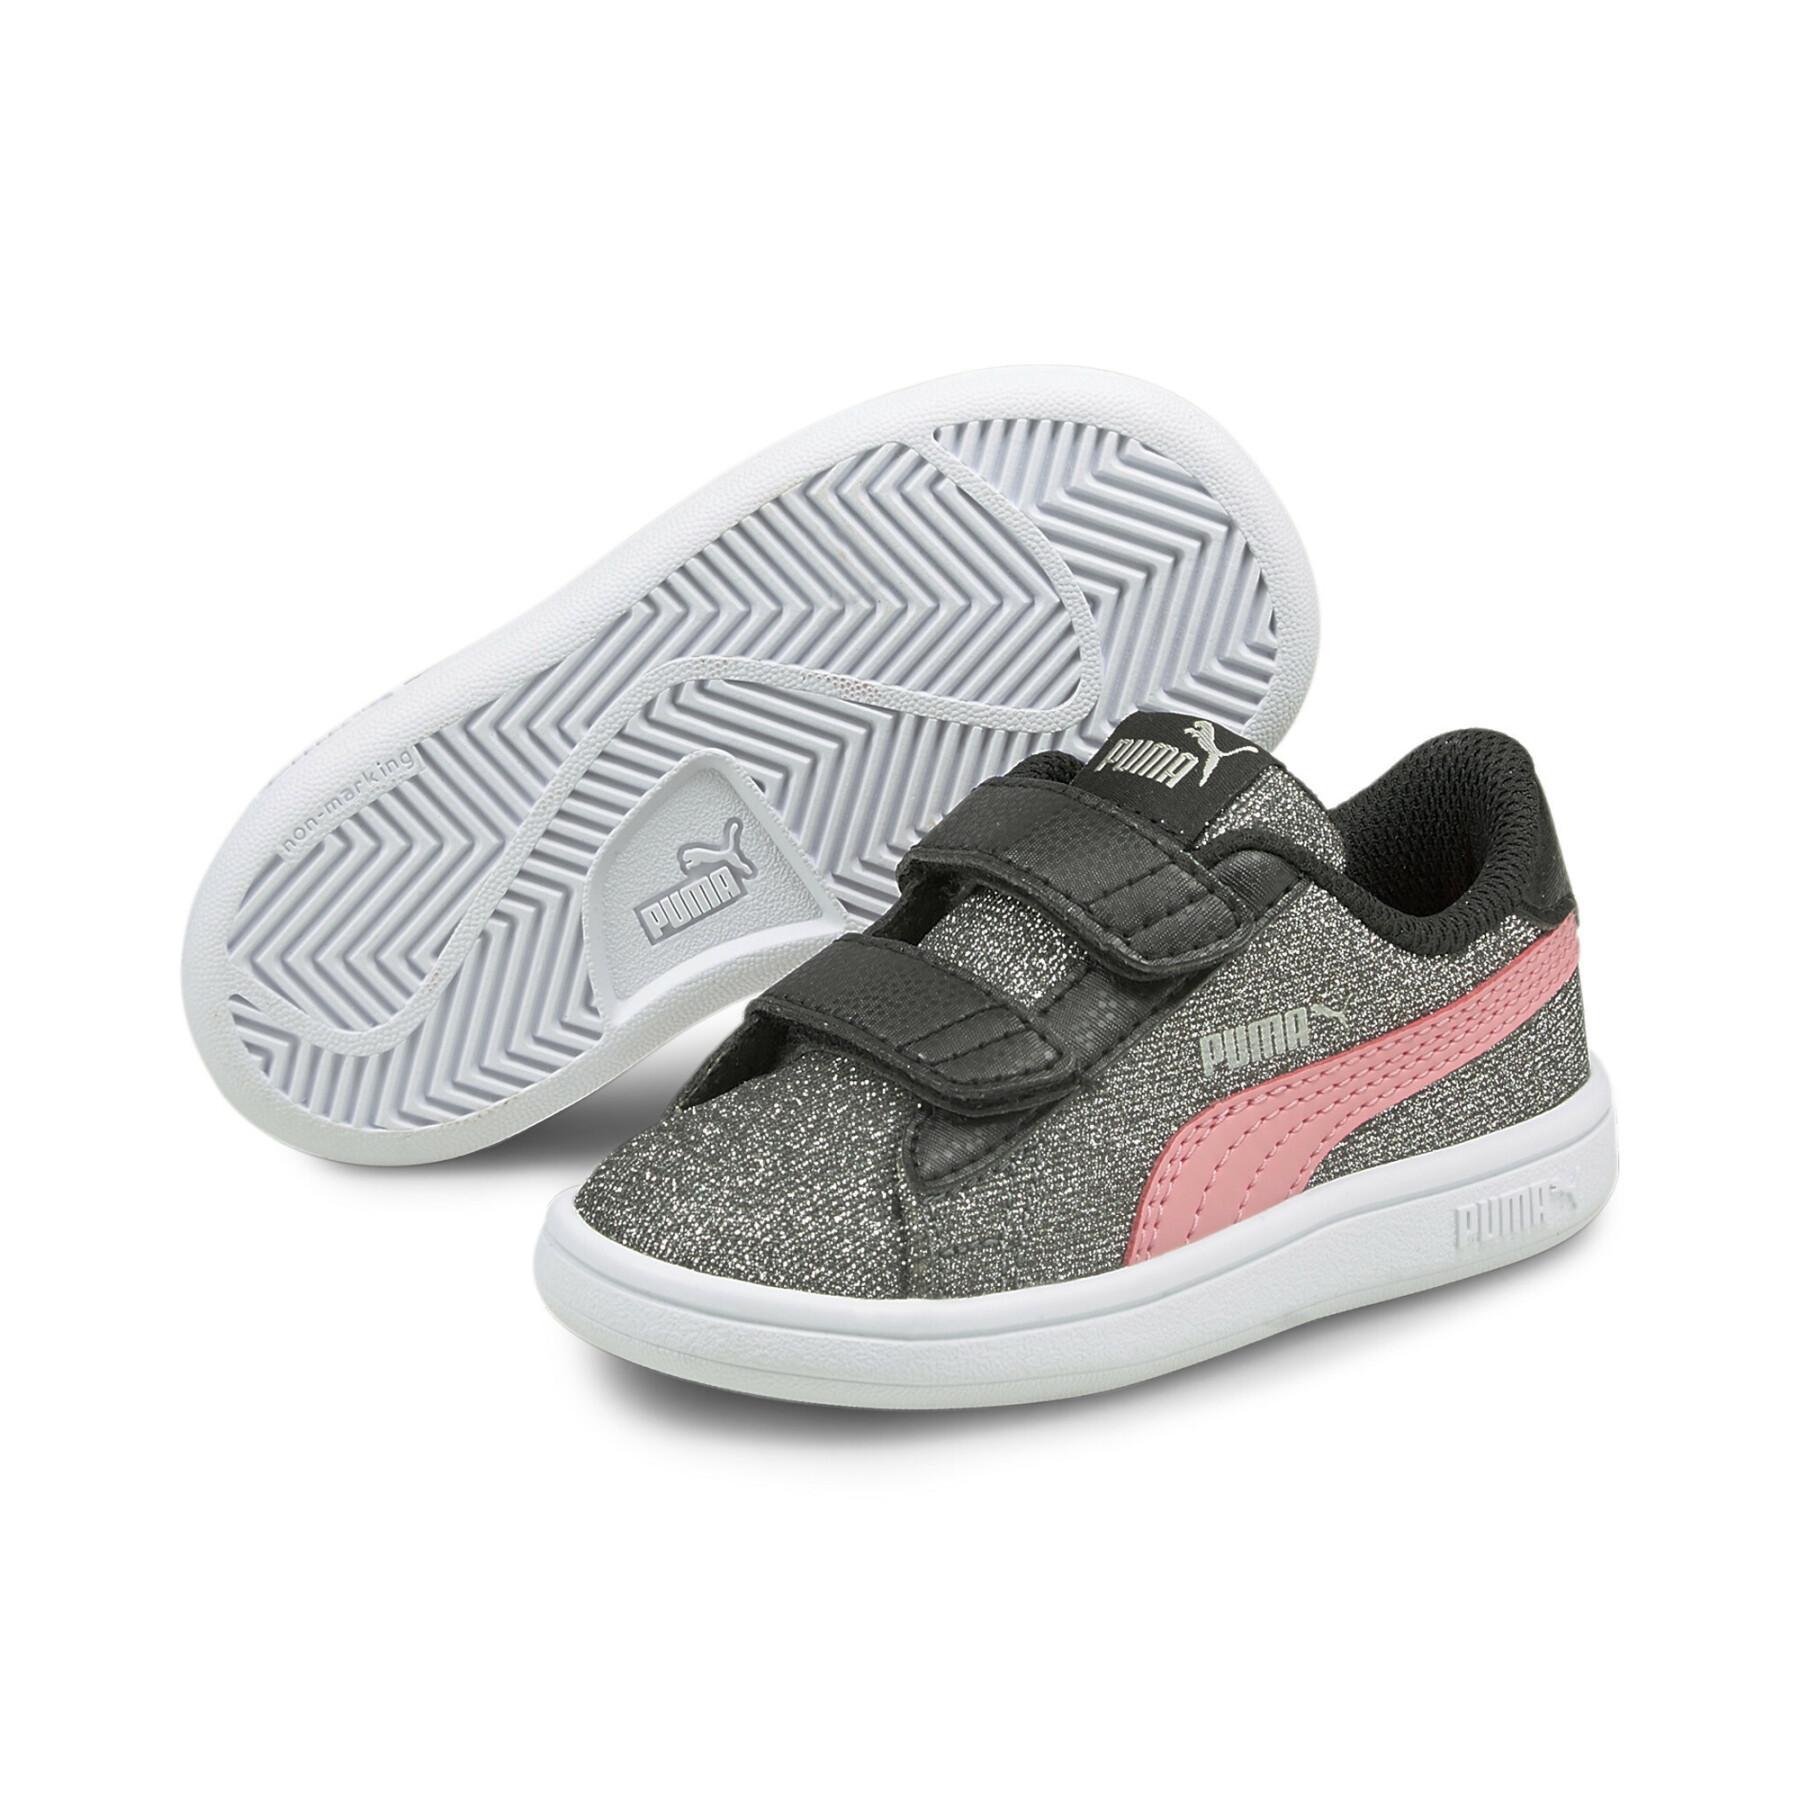 Children's sneakers Puma Smash v2 Glitz Glam V